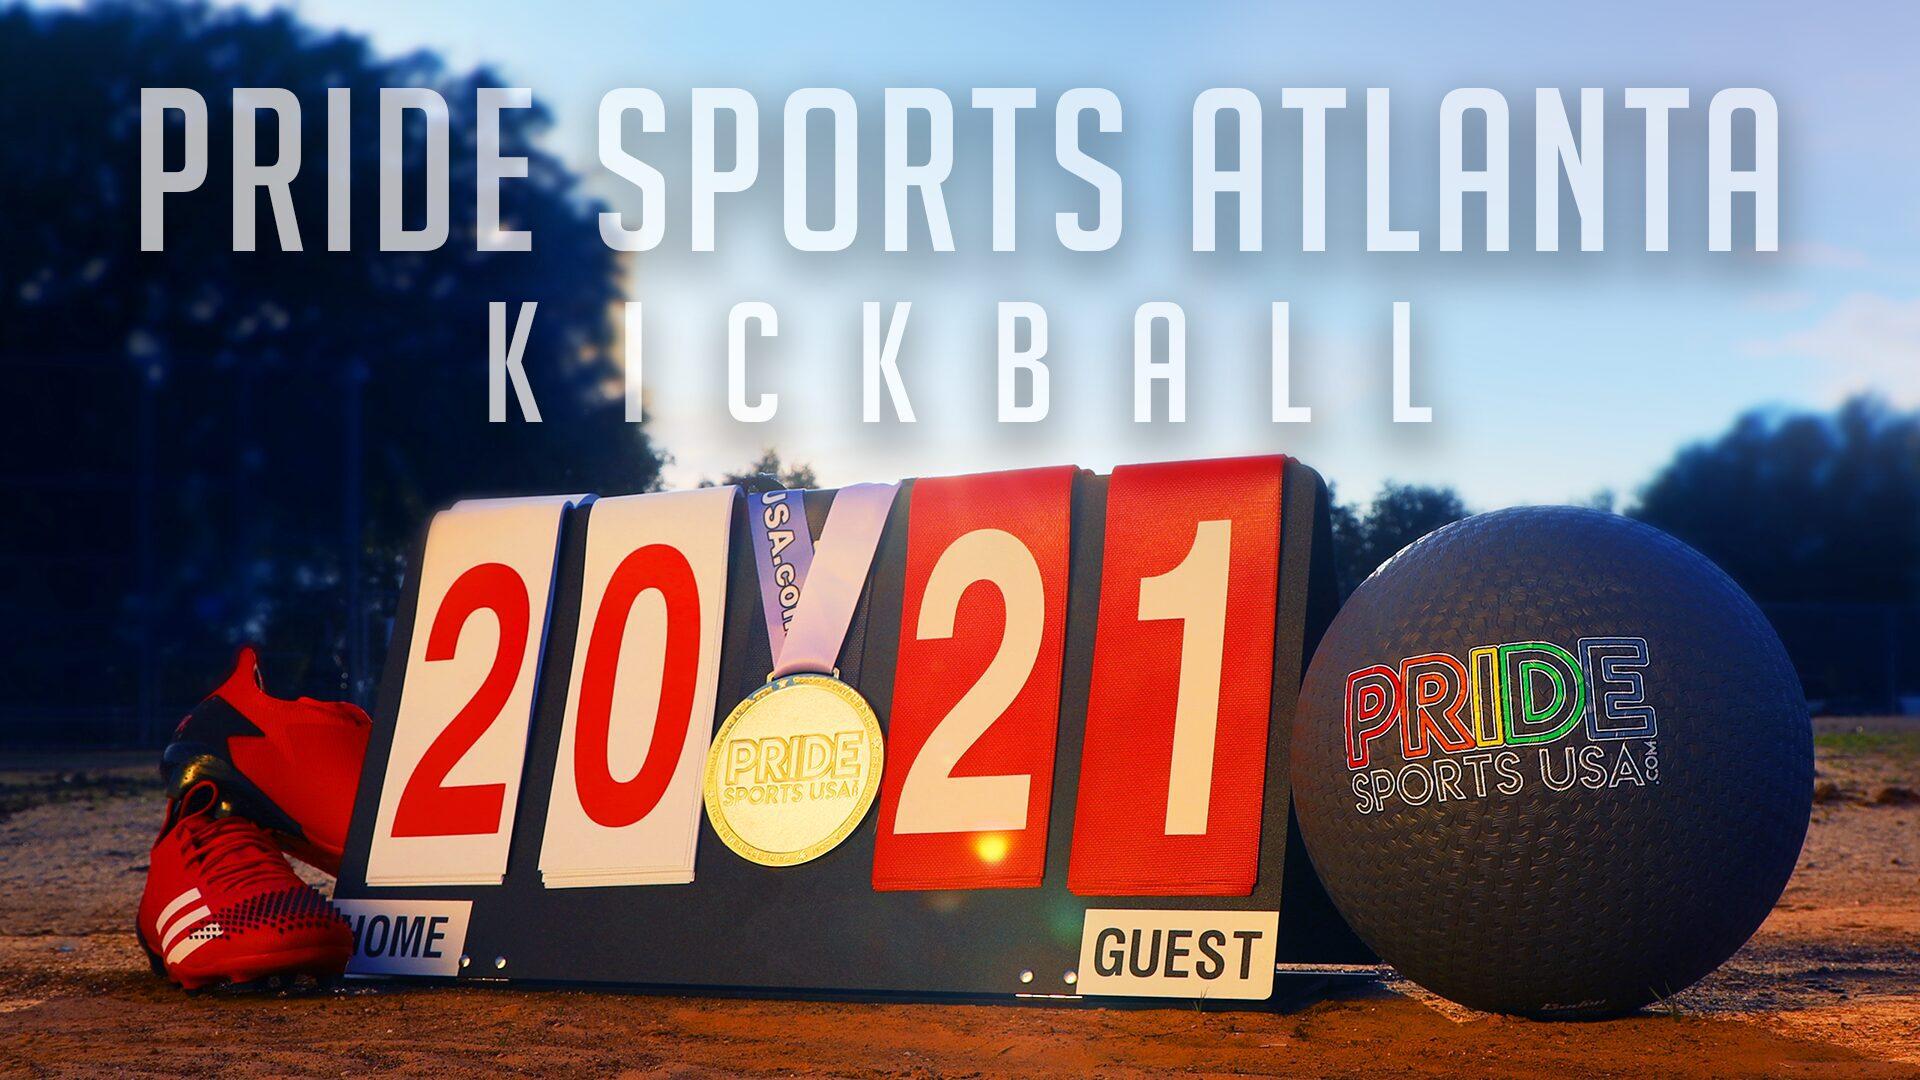 Atl Kickball FB Cover